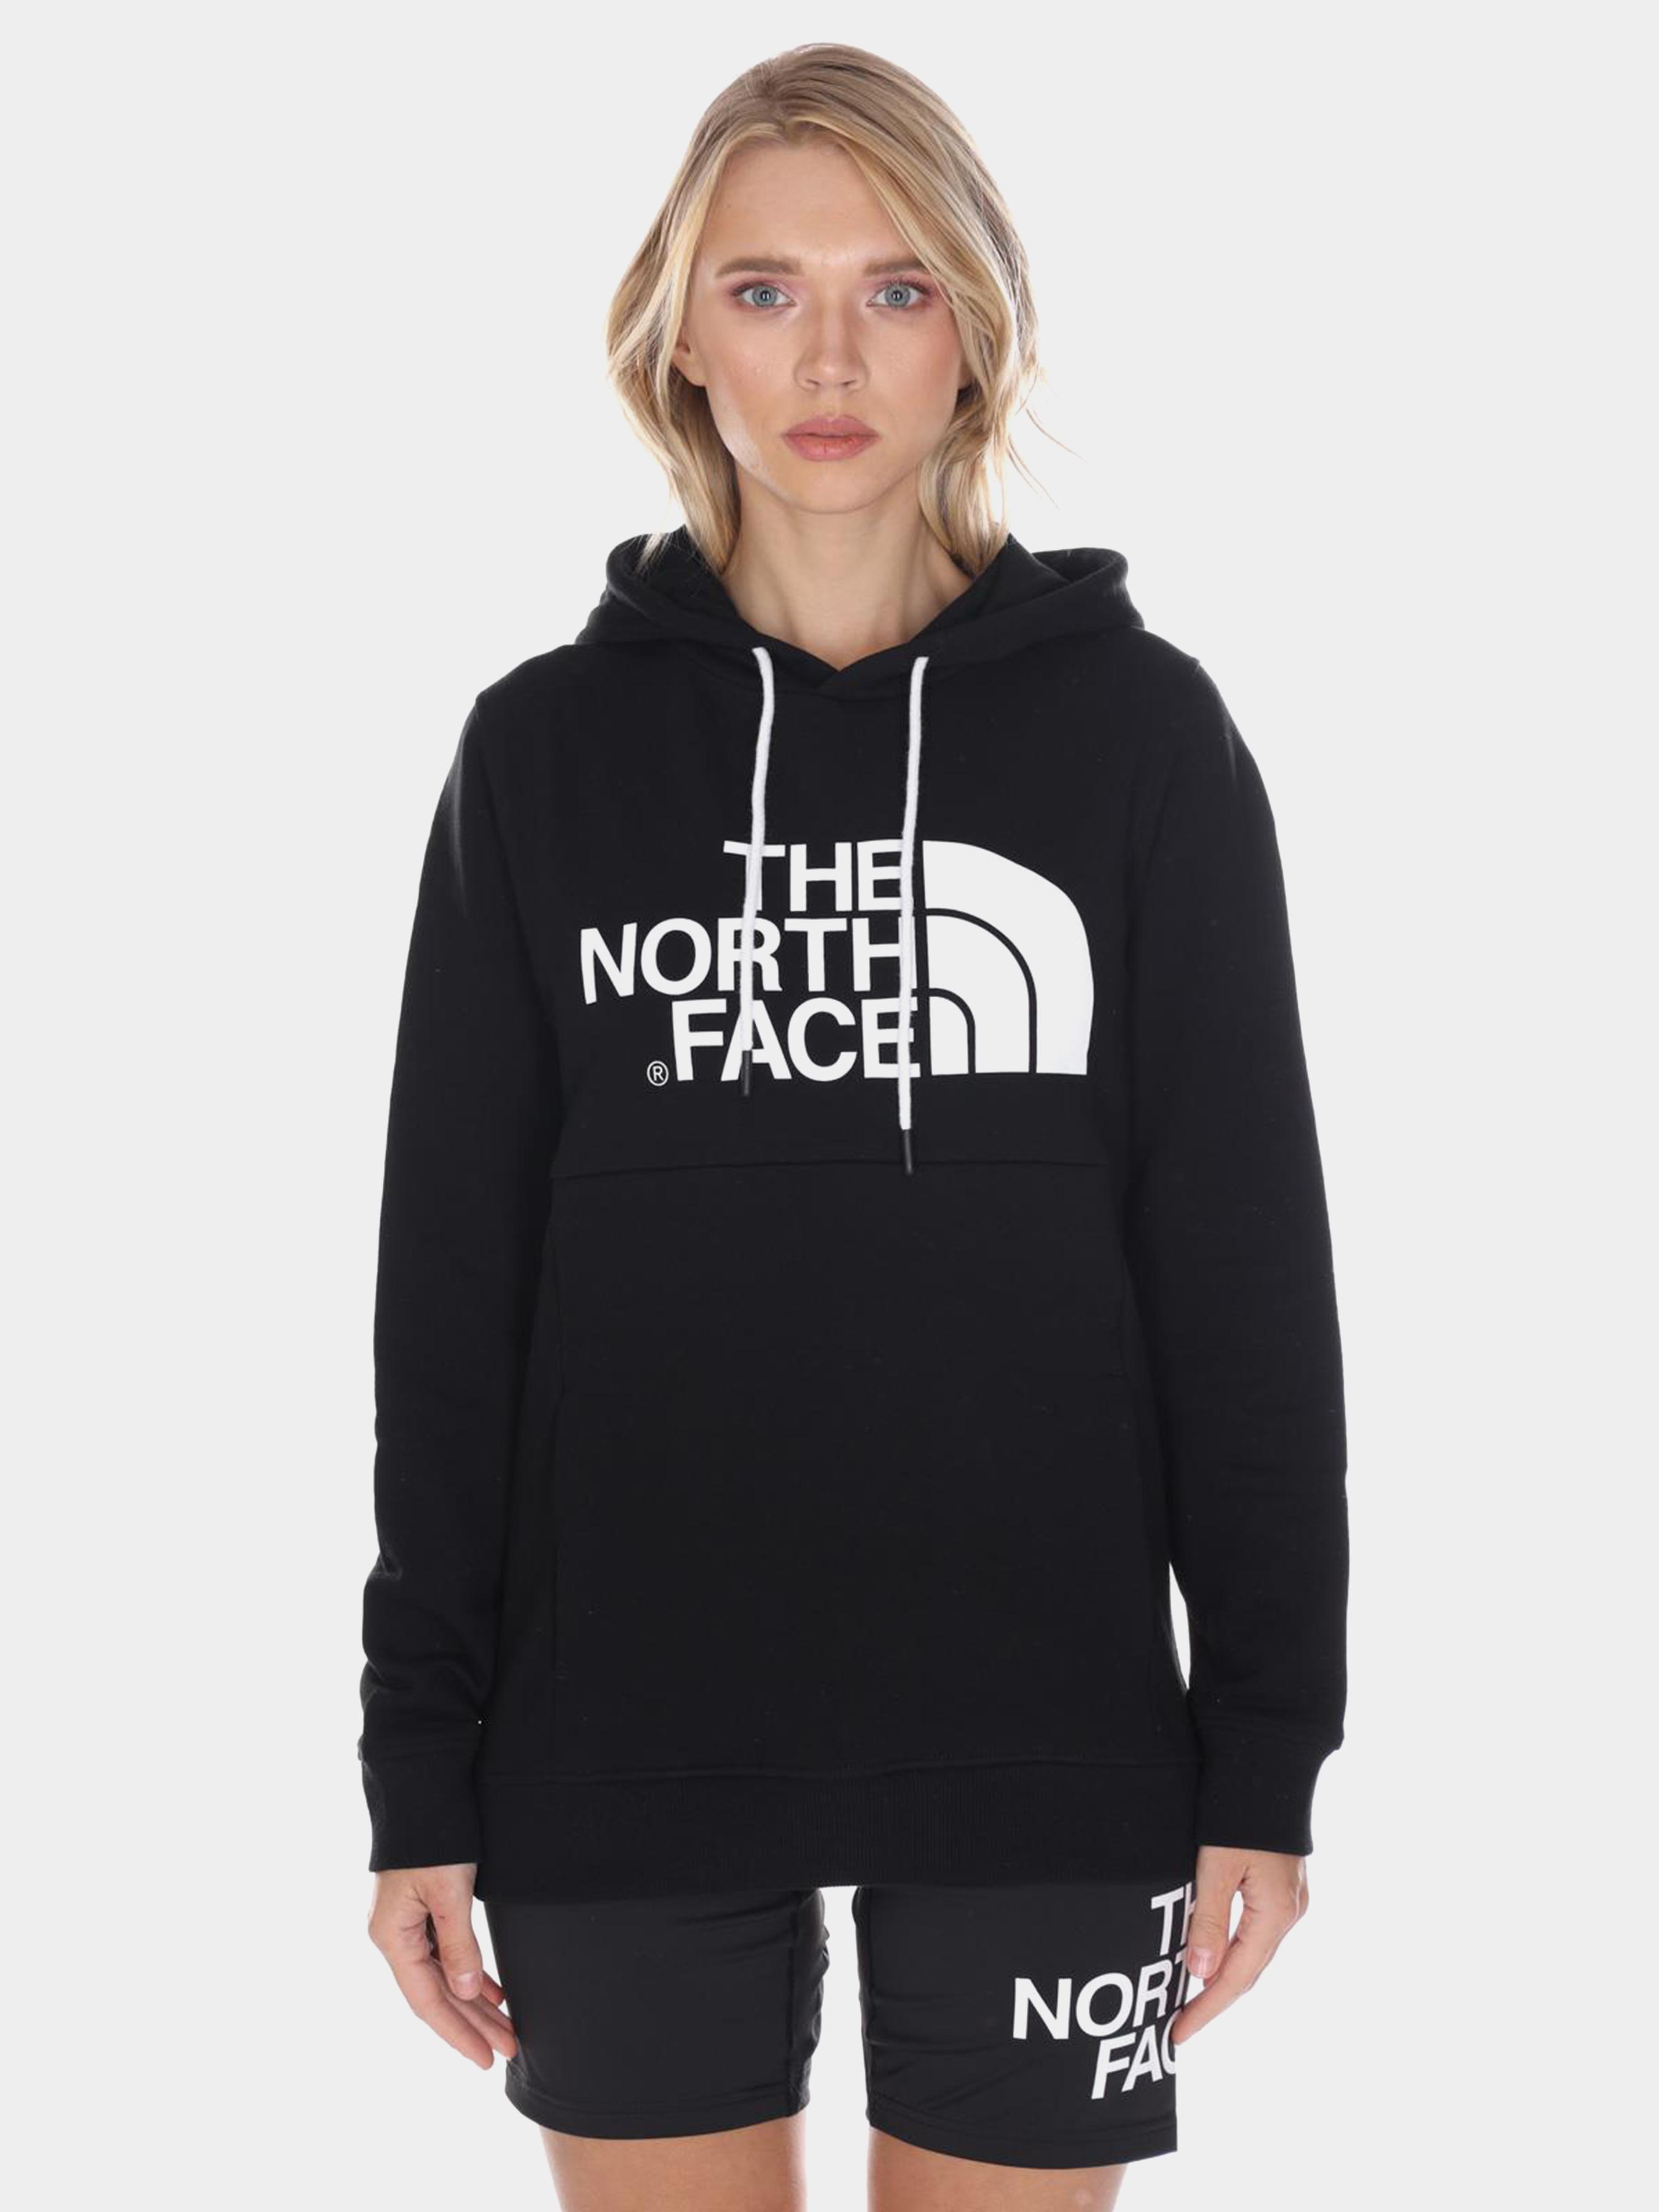 Кофты и свитера женские The North Face модель N1426 качество, 2017